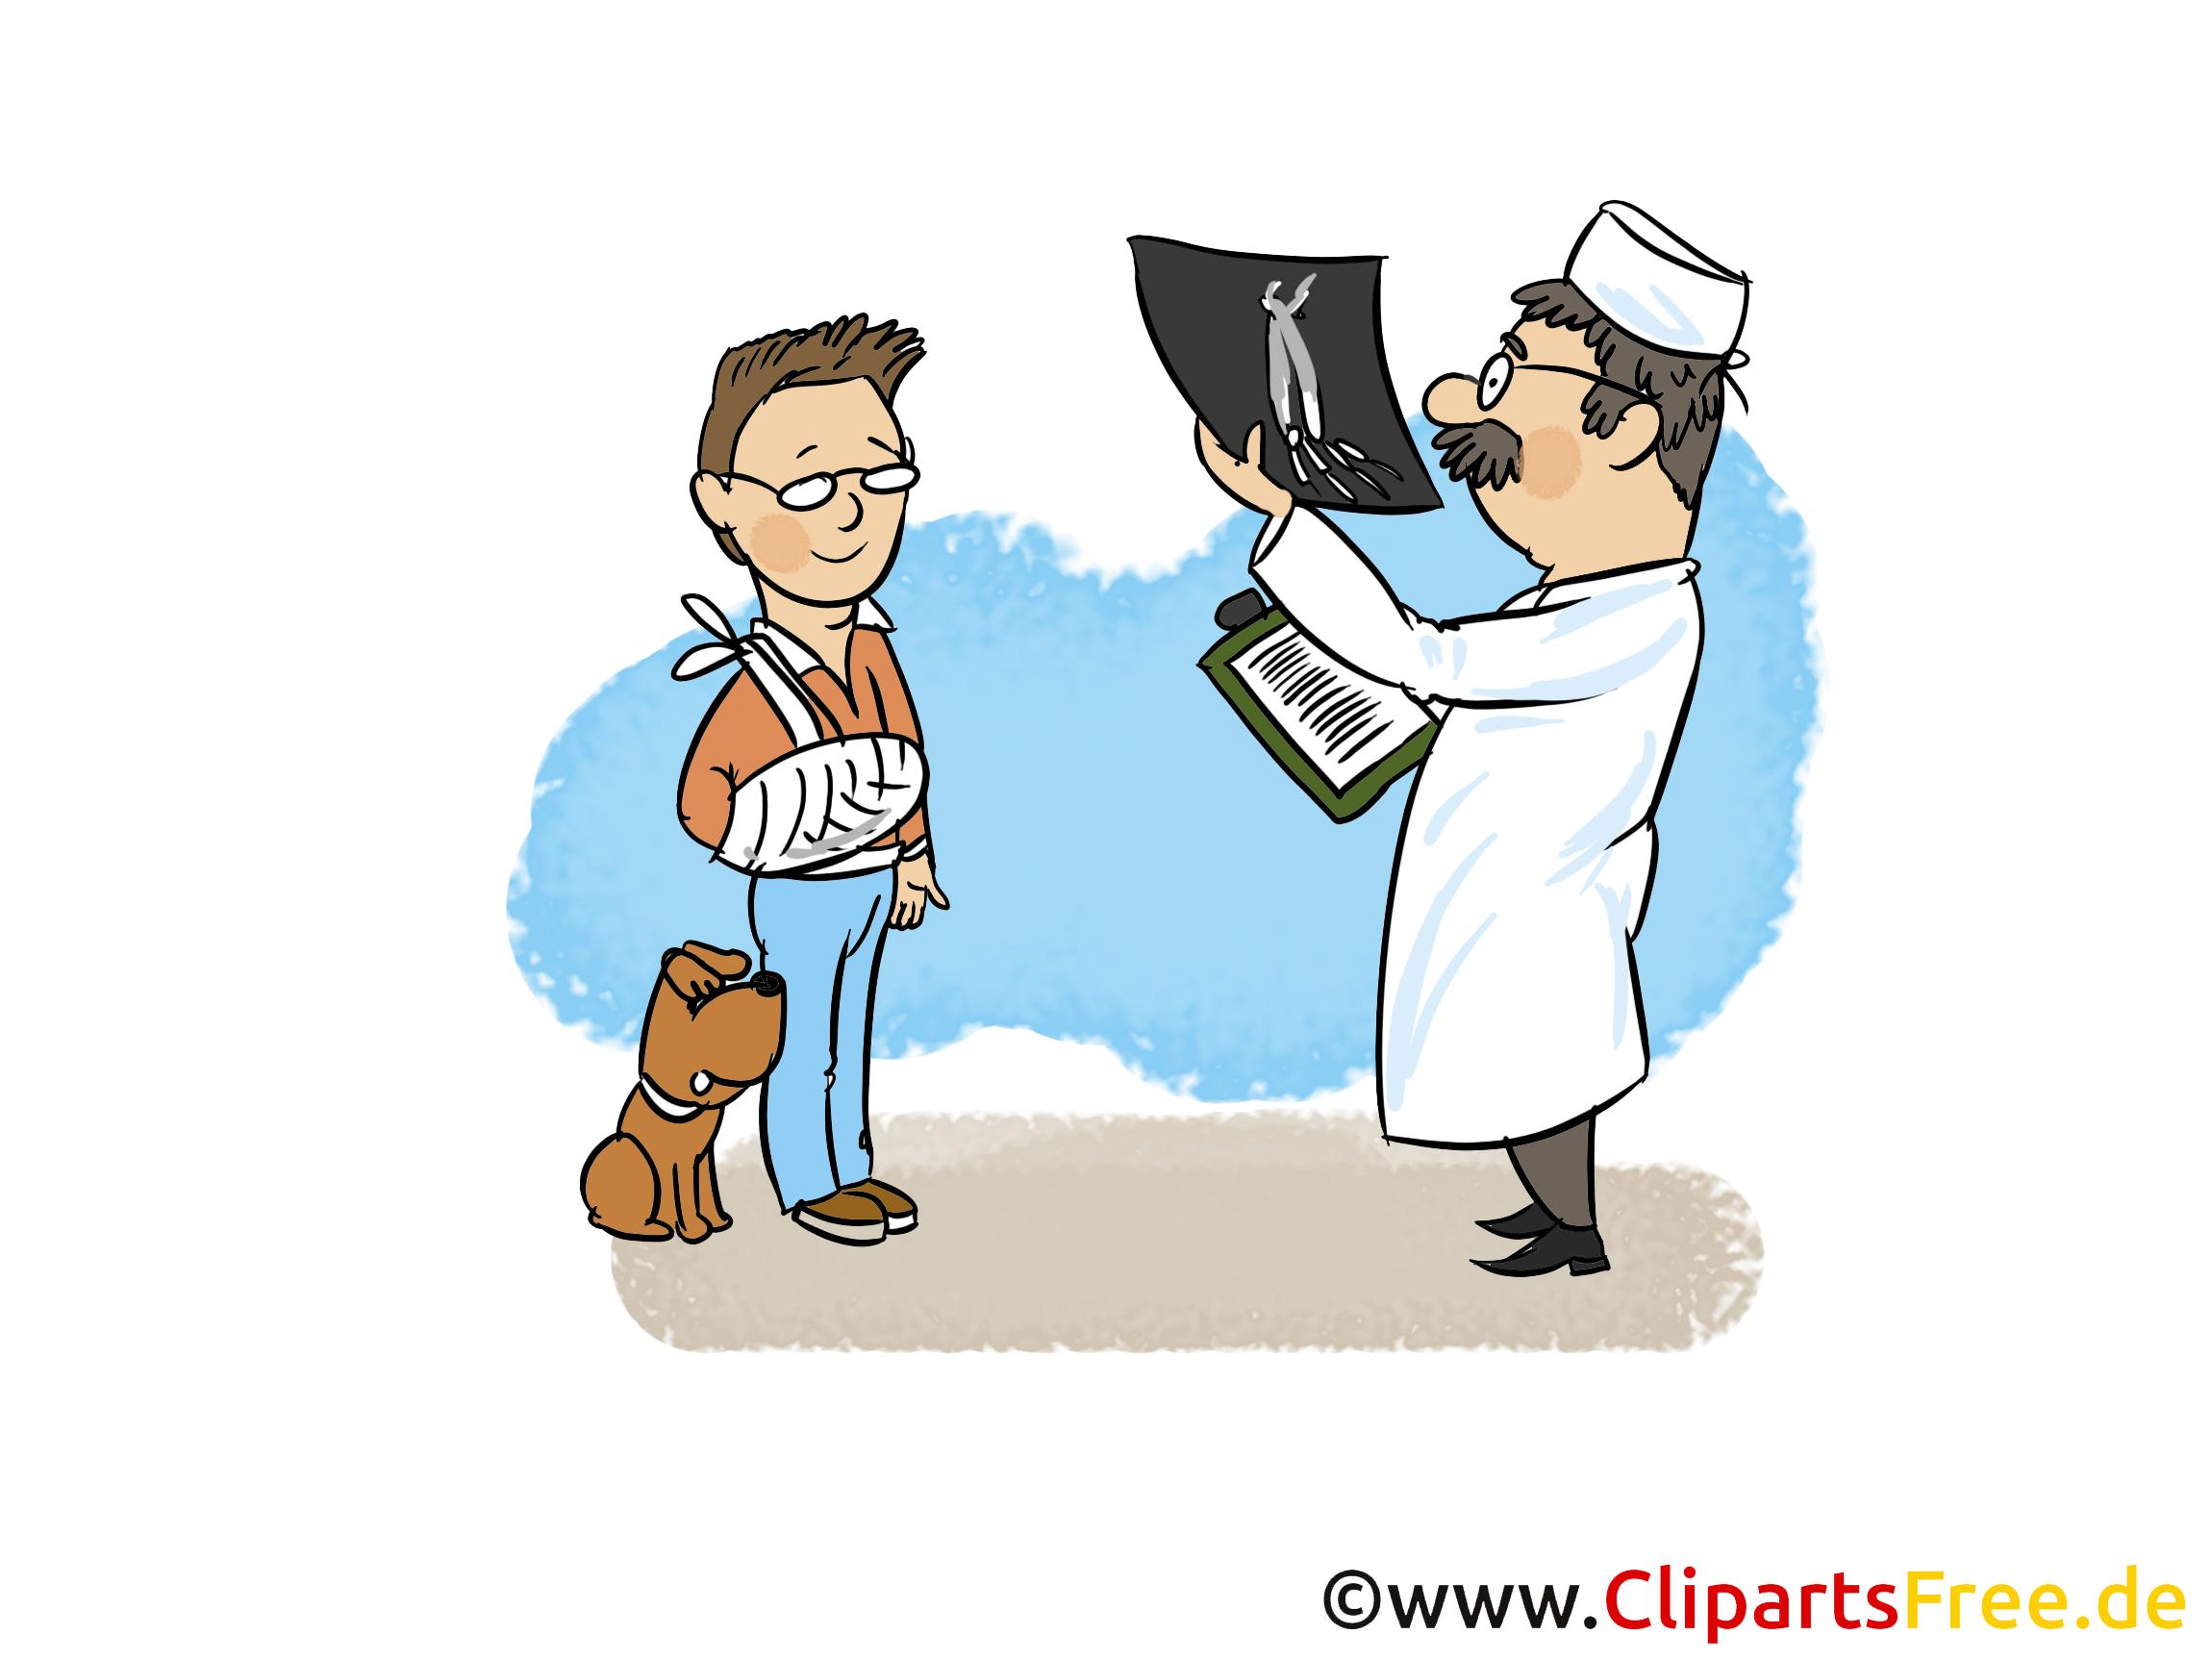 Röntgen-Bilder Clipart, Bild, Cartoon